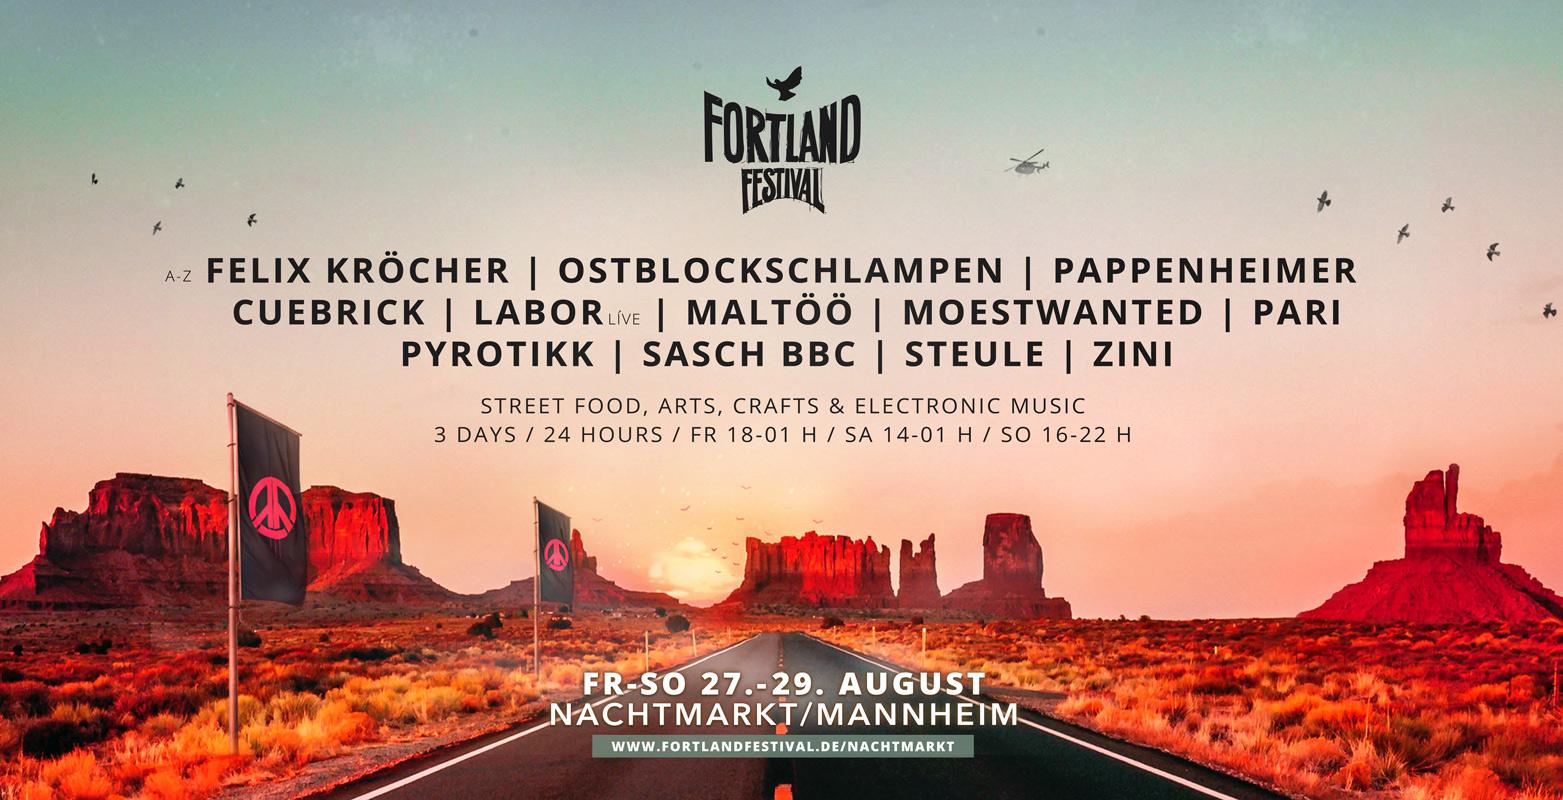 Fortland Festival x Nachtmarkt Mannheim